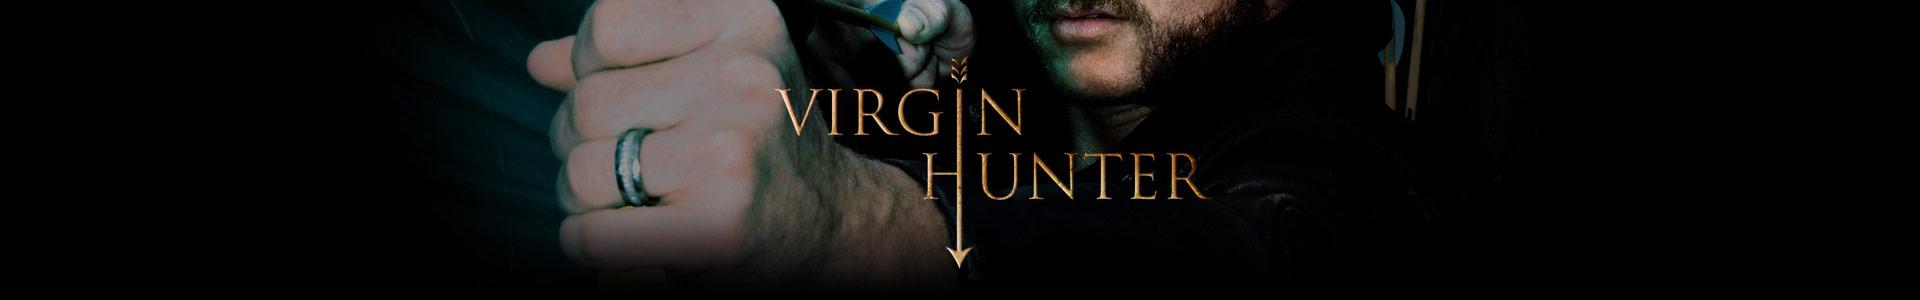 Men Series: Virgin Hunter